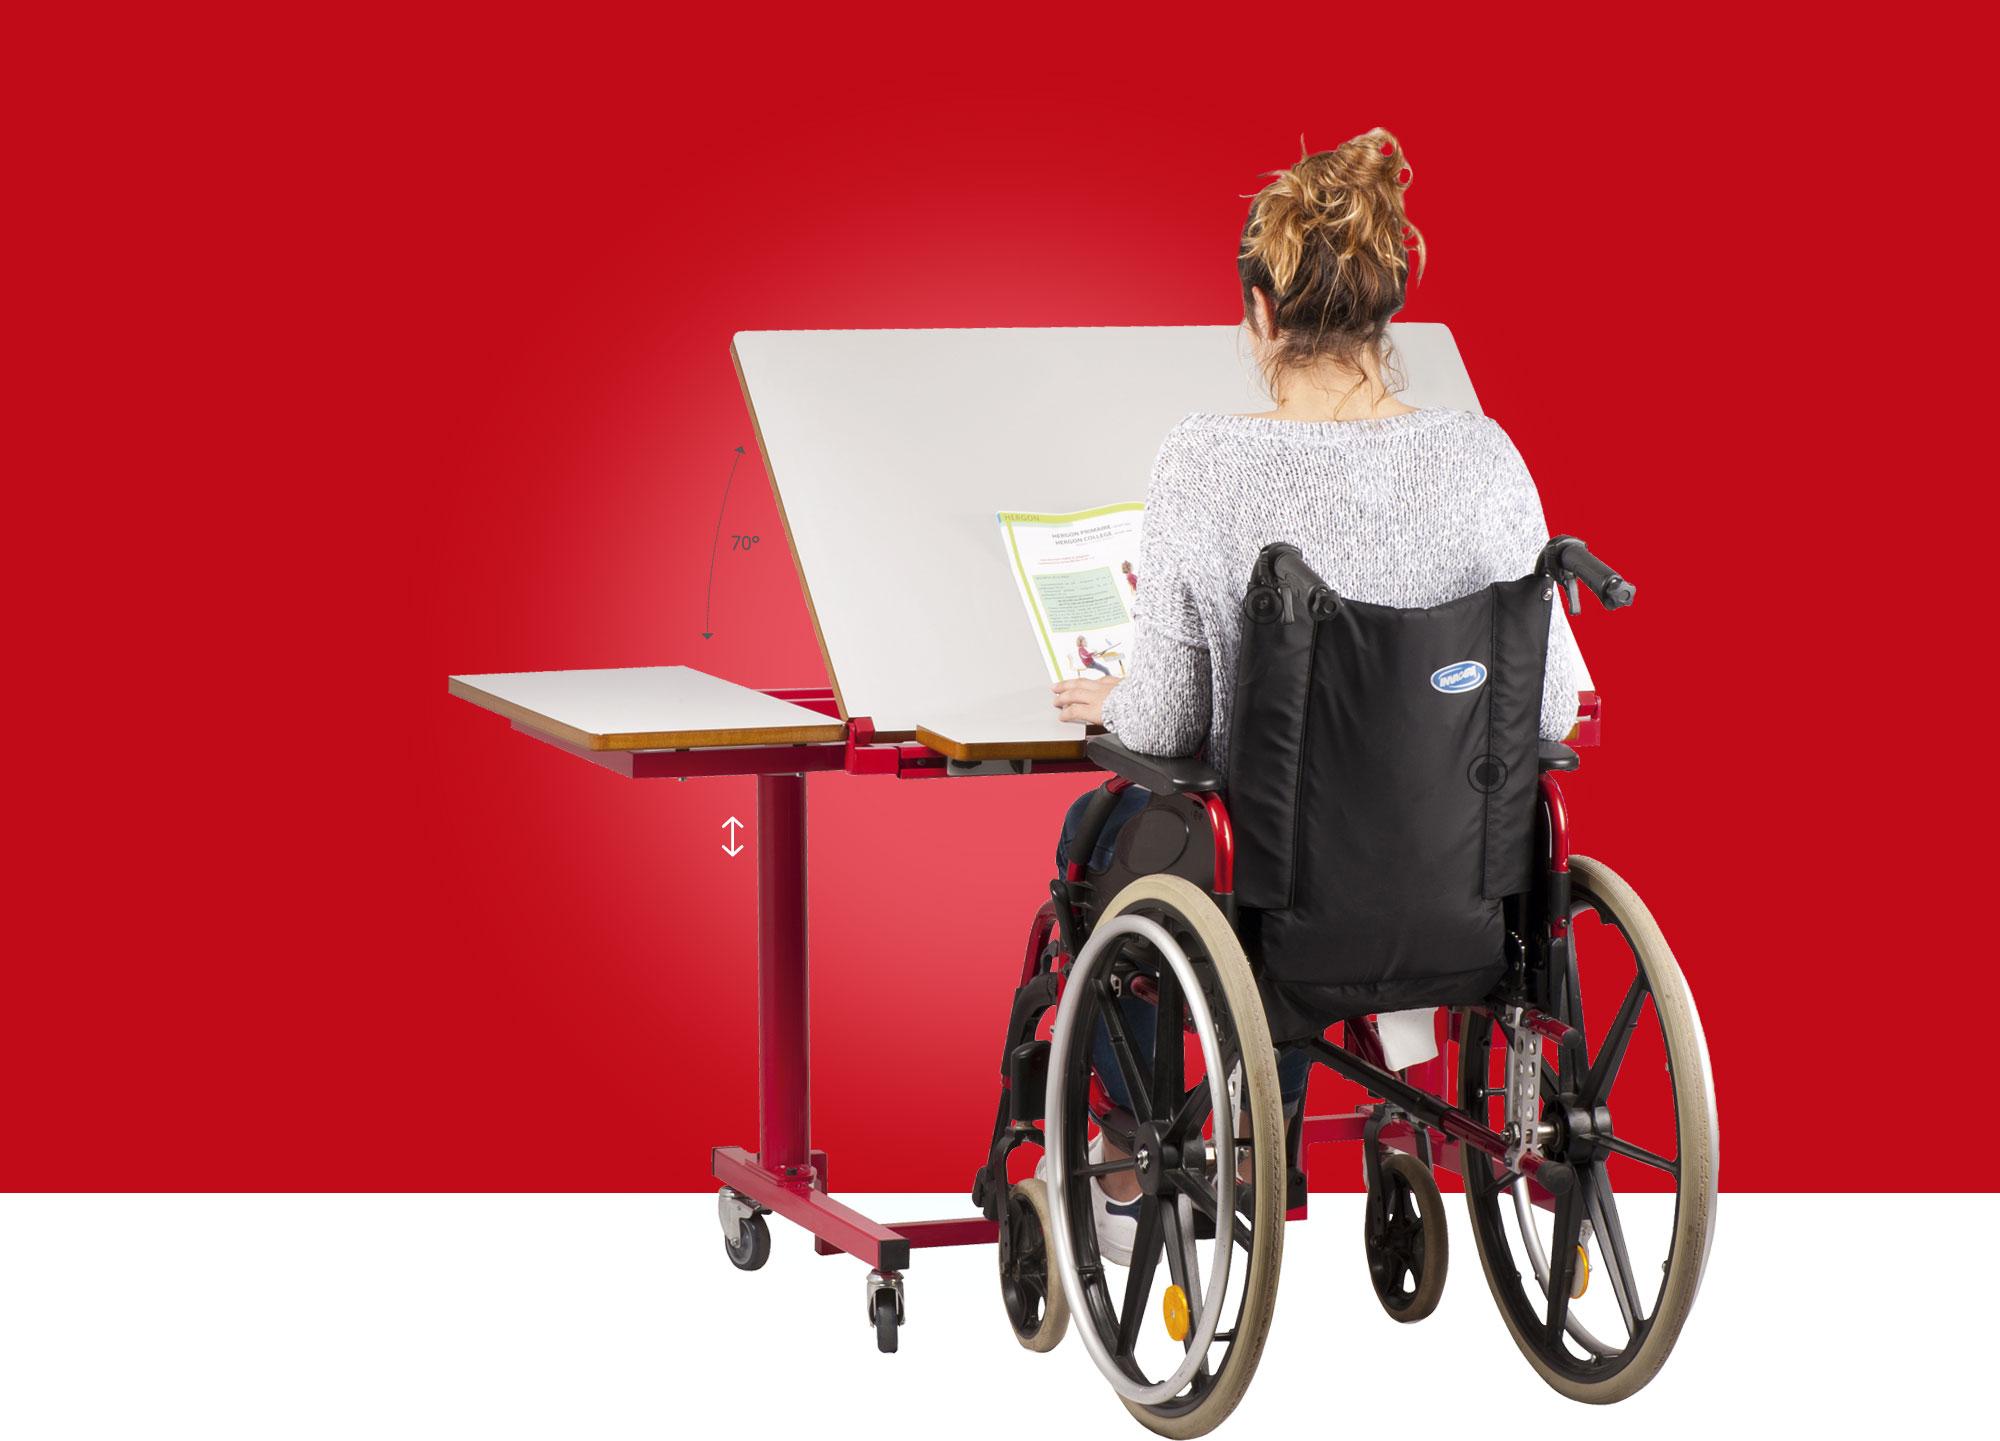 Hephaïstos mobilier ergonomique gaia table ergonomique plan inclinable